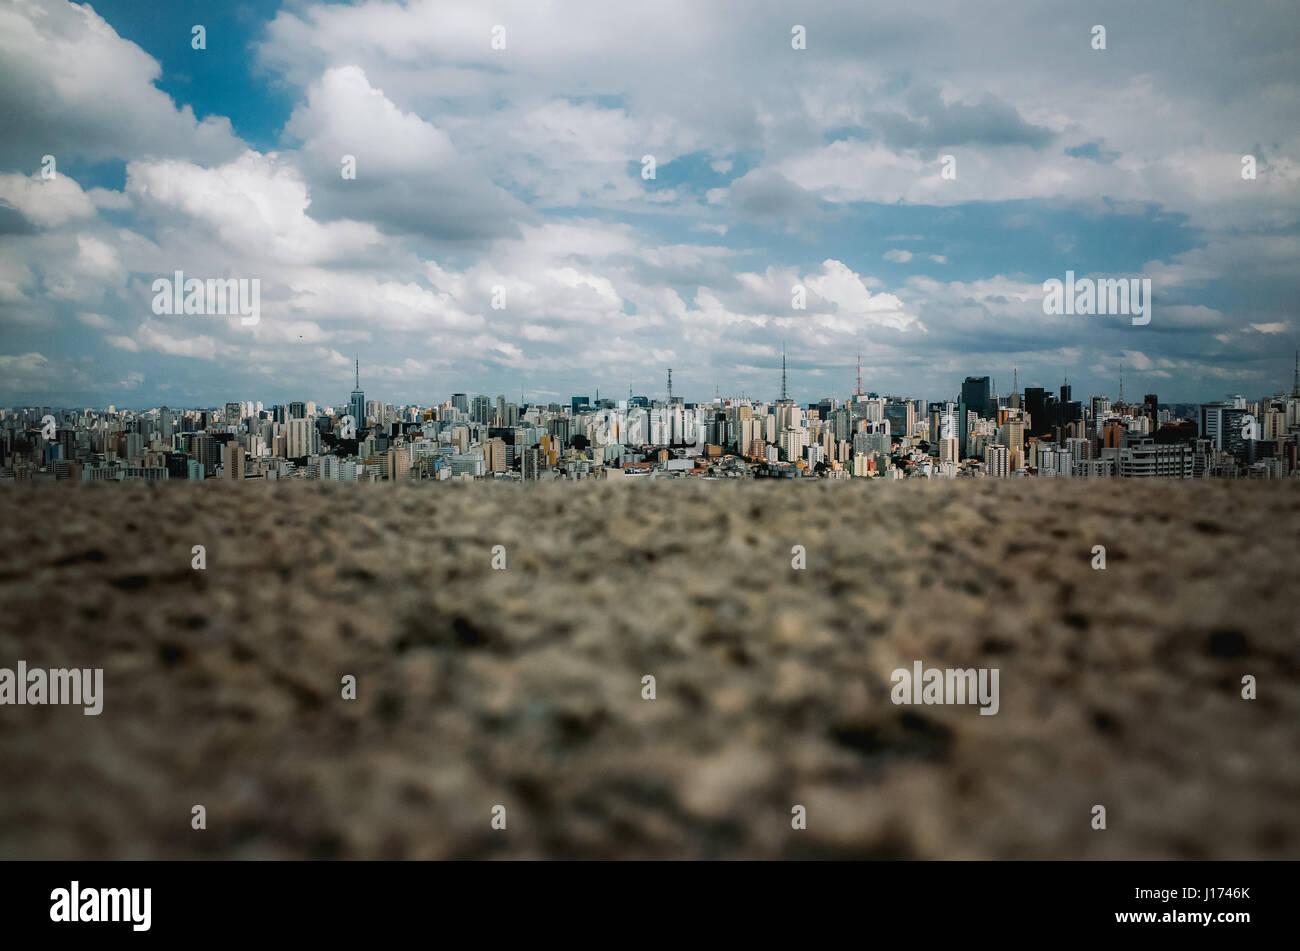 Skyline of the city of São Paulo, Brazil, seen from Edifício Itália - Stock Image